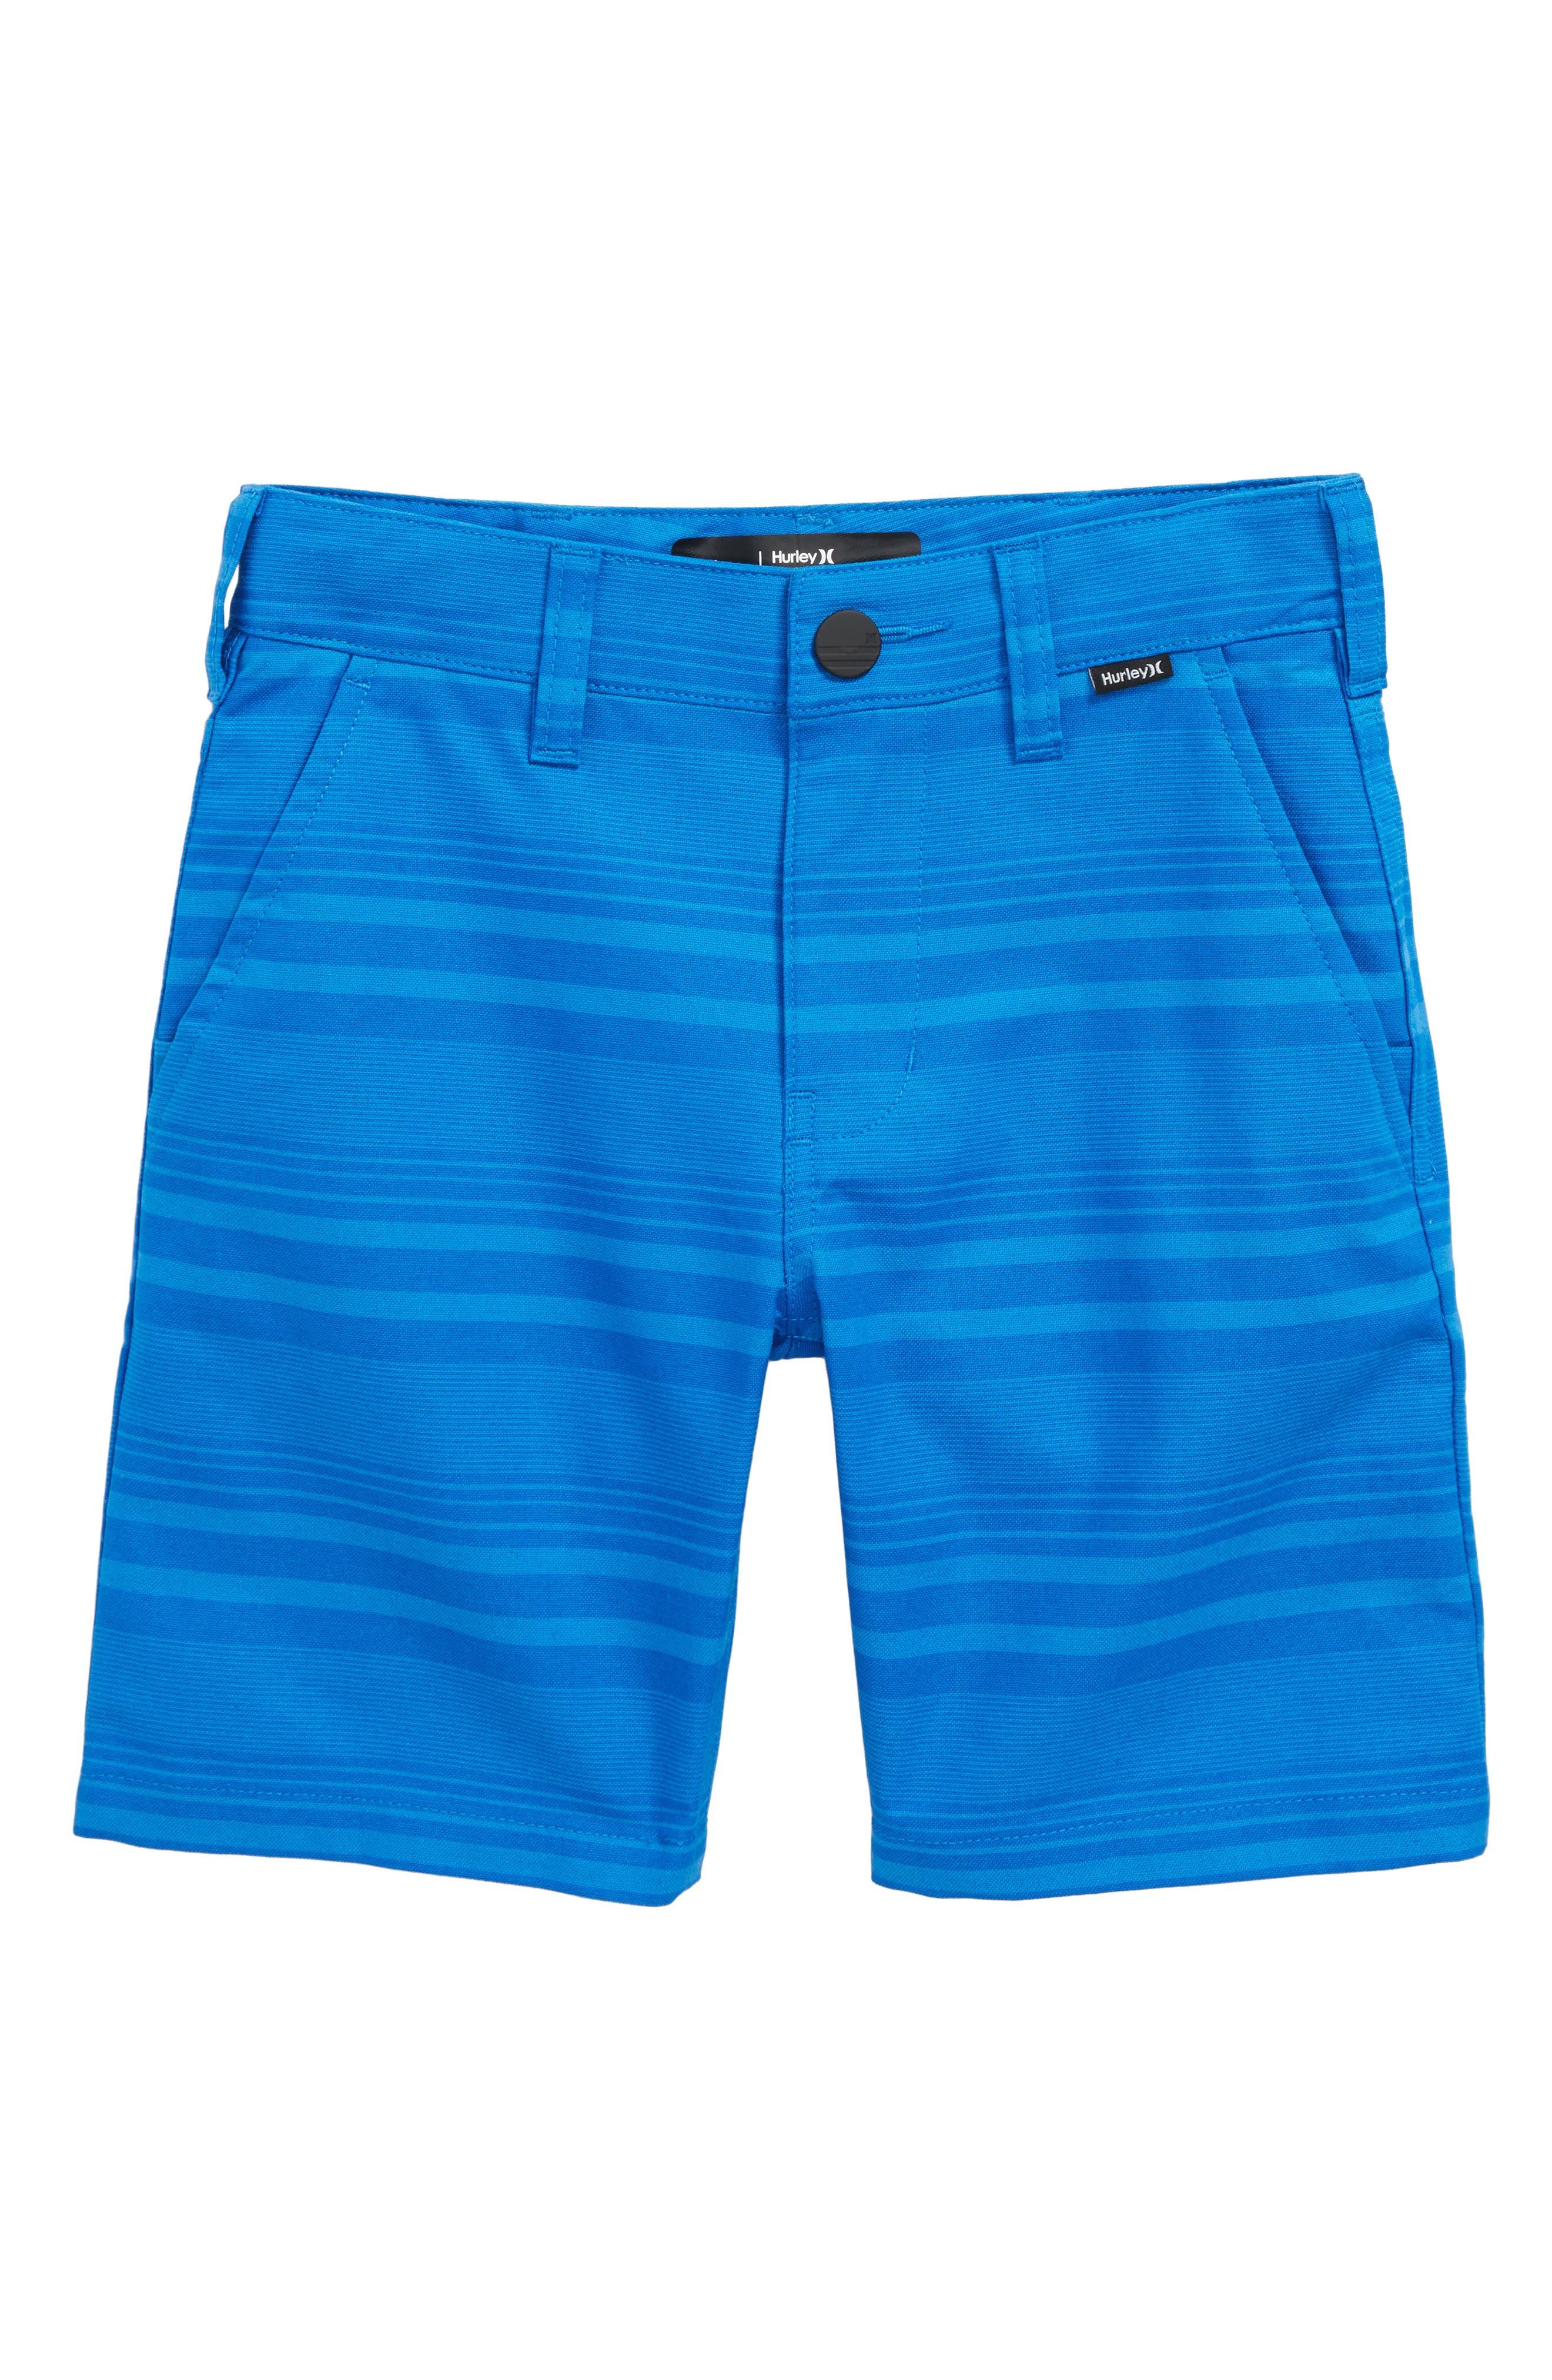 Main Image - Hurley Jones Hybrid Shorts (Toddler Boys & Little Boys)